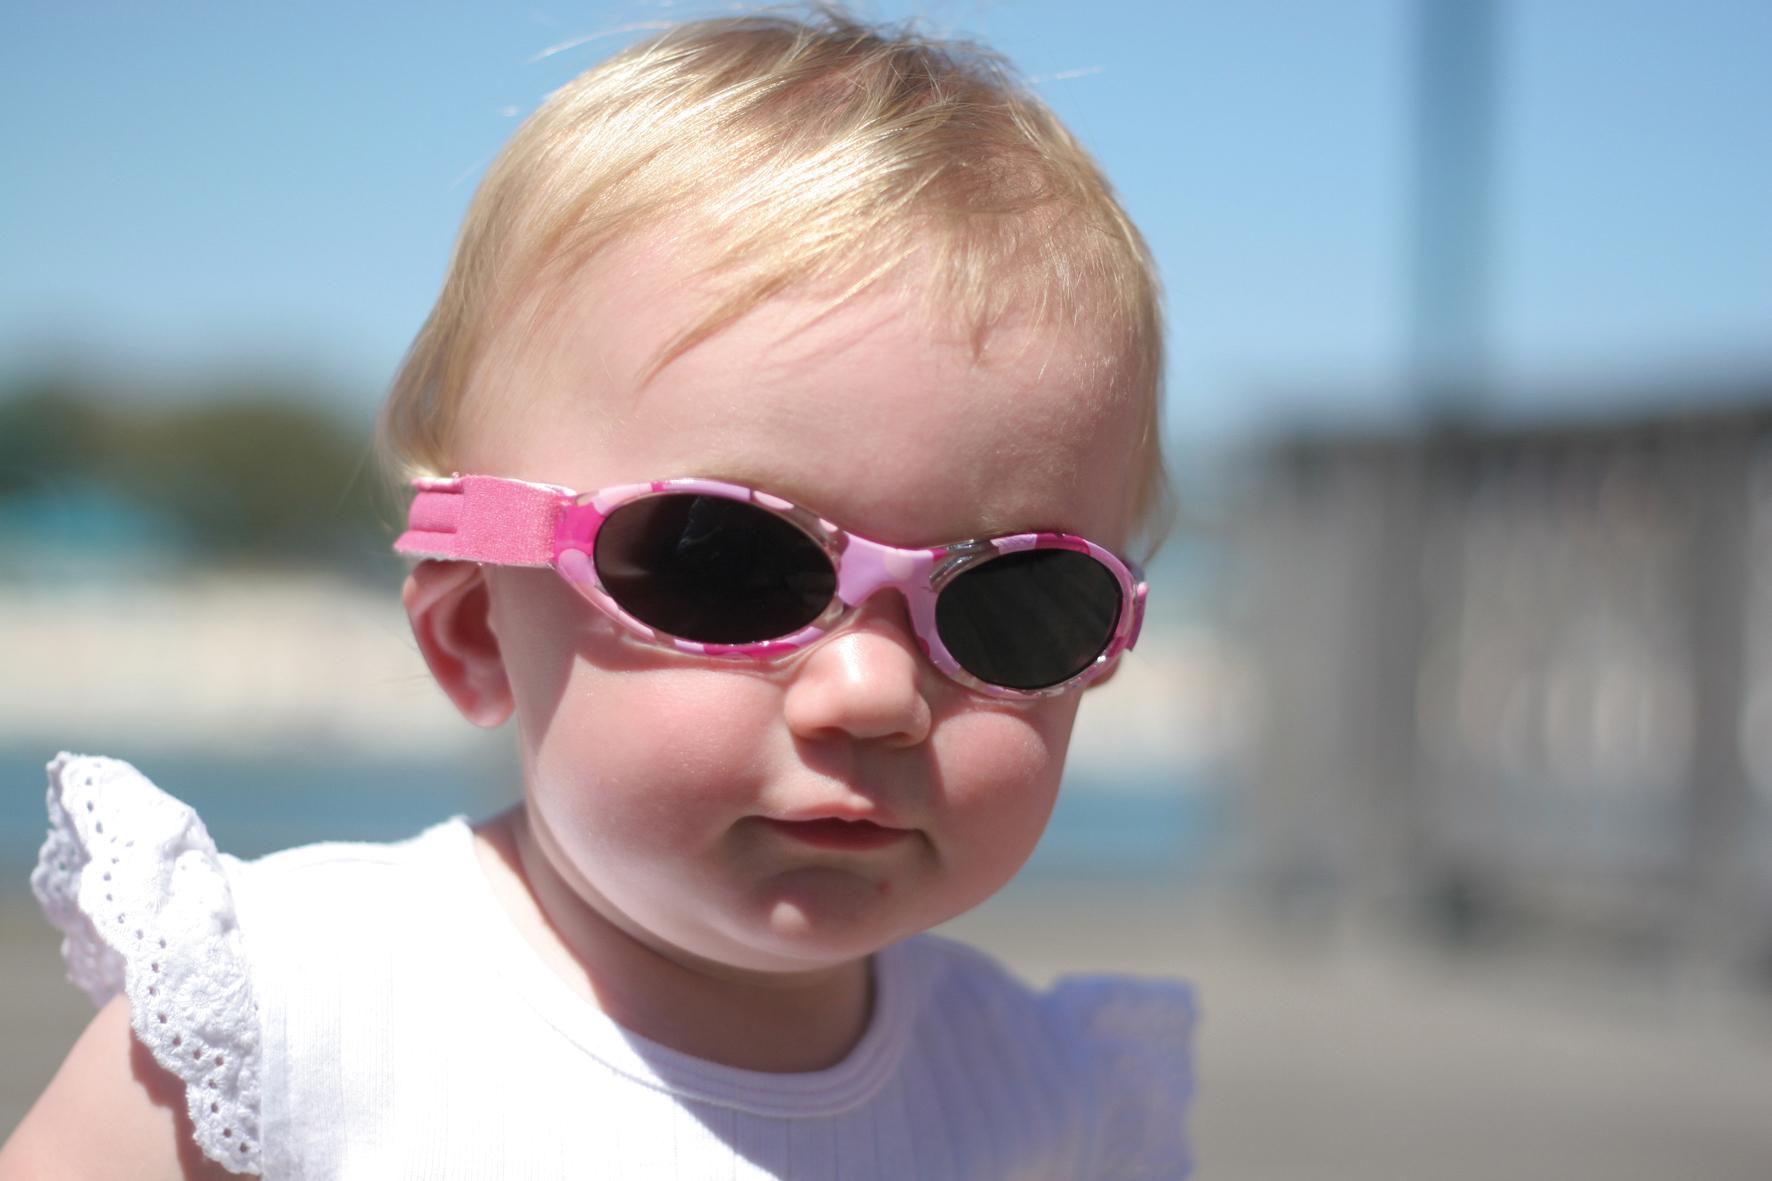 leuke zonnebrillen Baby. Bestel online bij stoerekindjes. De nummer 1 in UV zwemkleding en kinderzonnebrillen voor kinderen en baby's